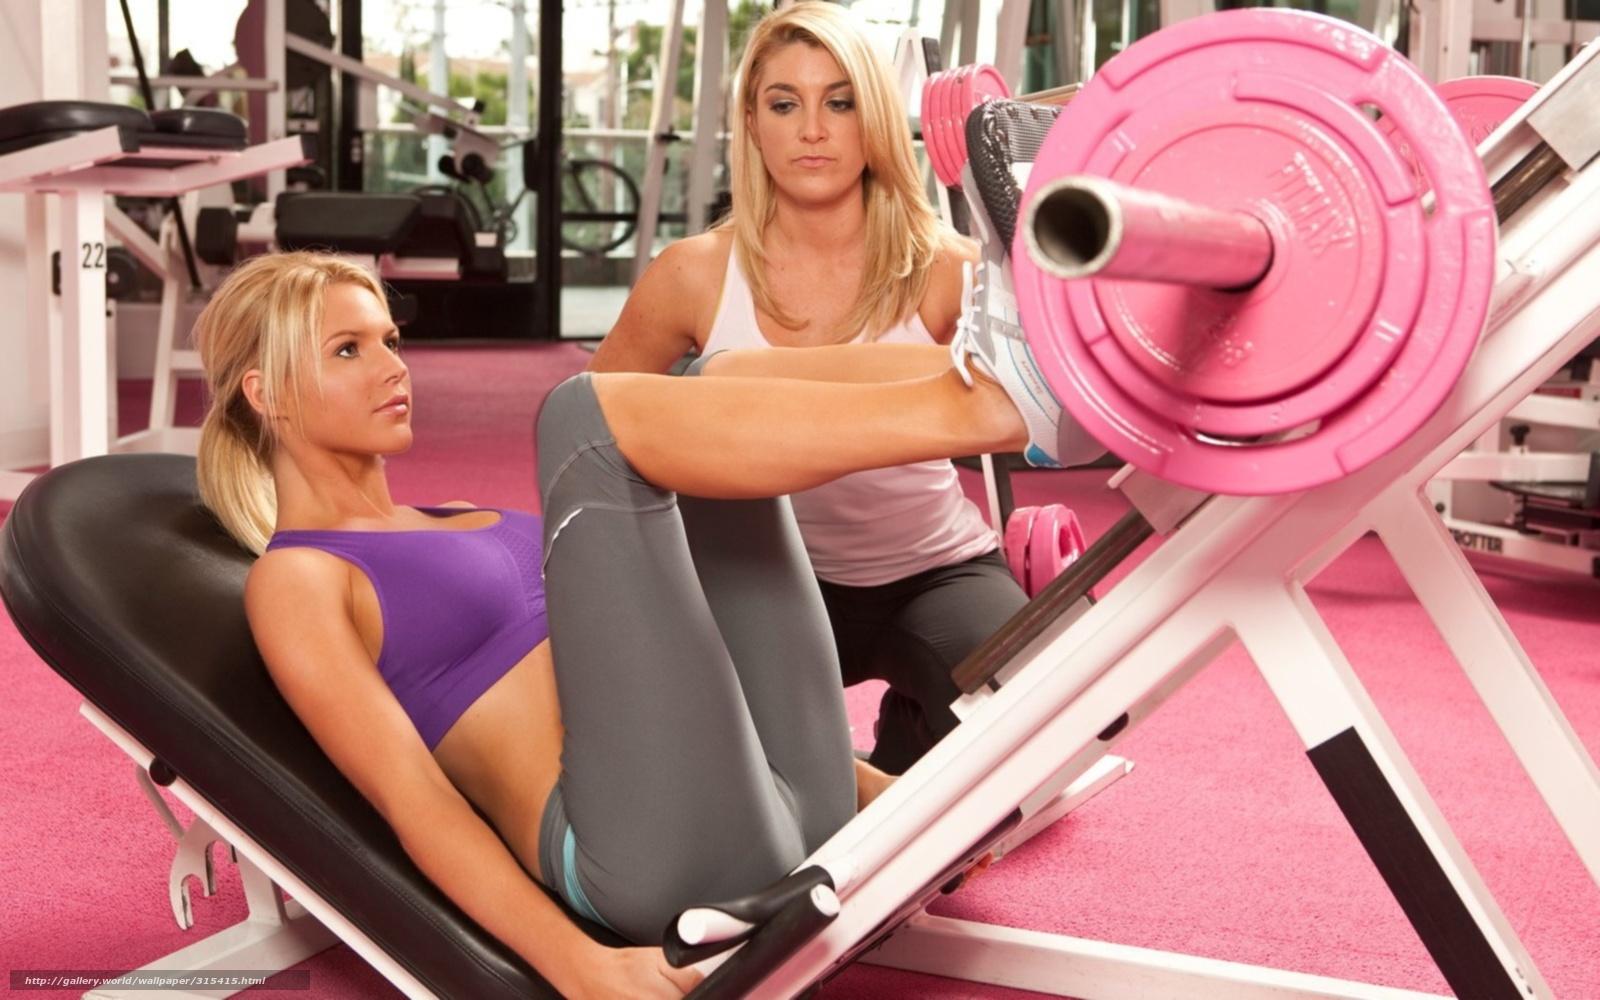 Фото девушек фитнес моделей в зале 15 фотография